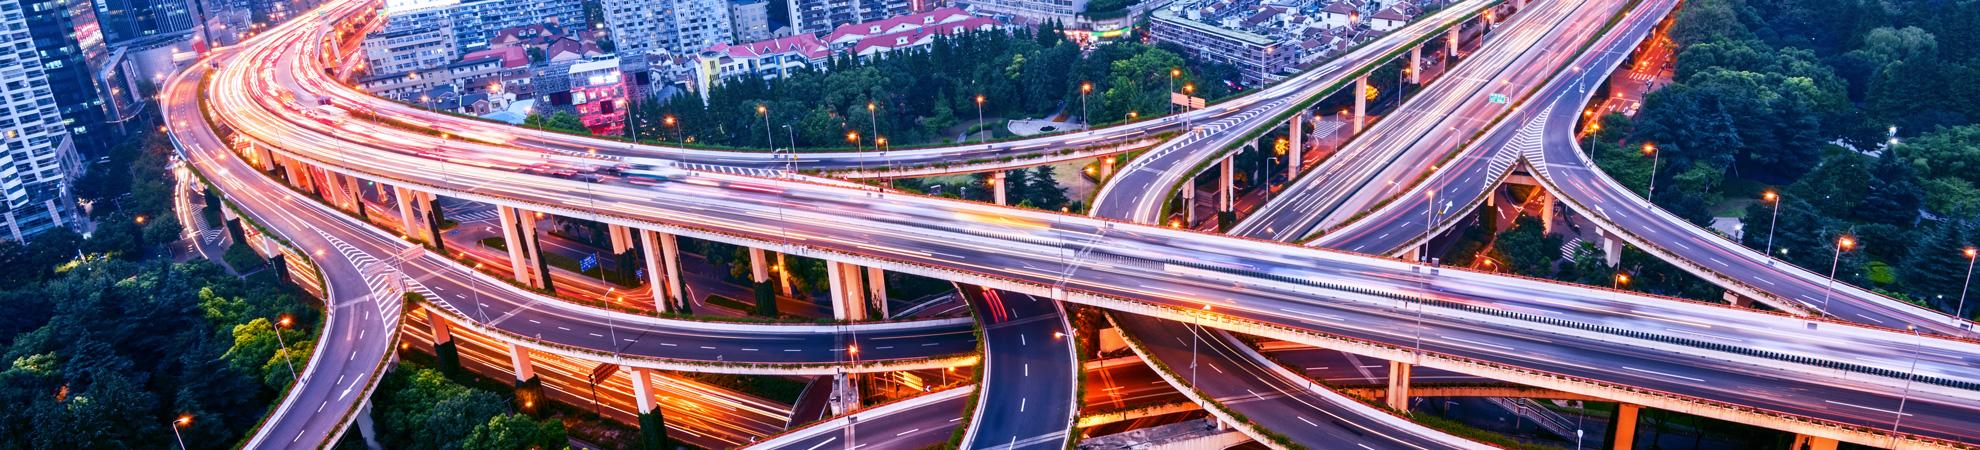 Le transport dans un pays immense comme la Chine